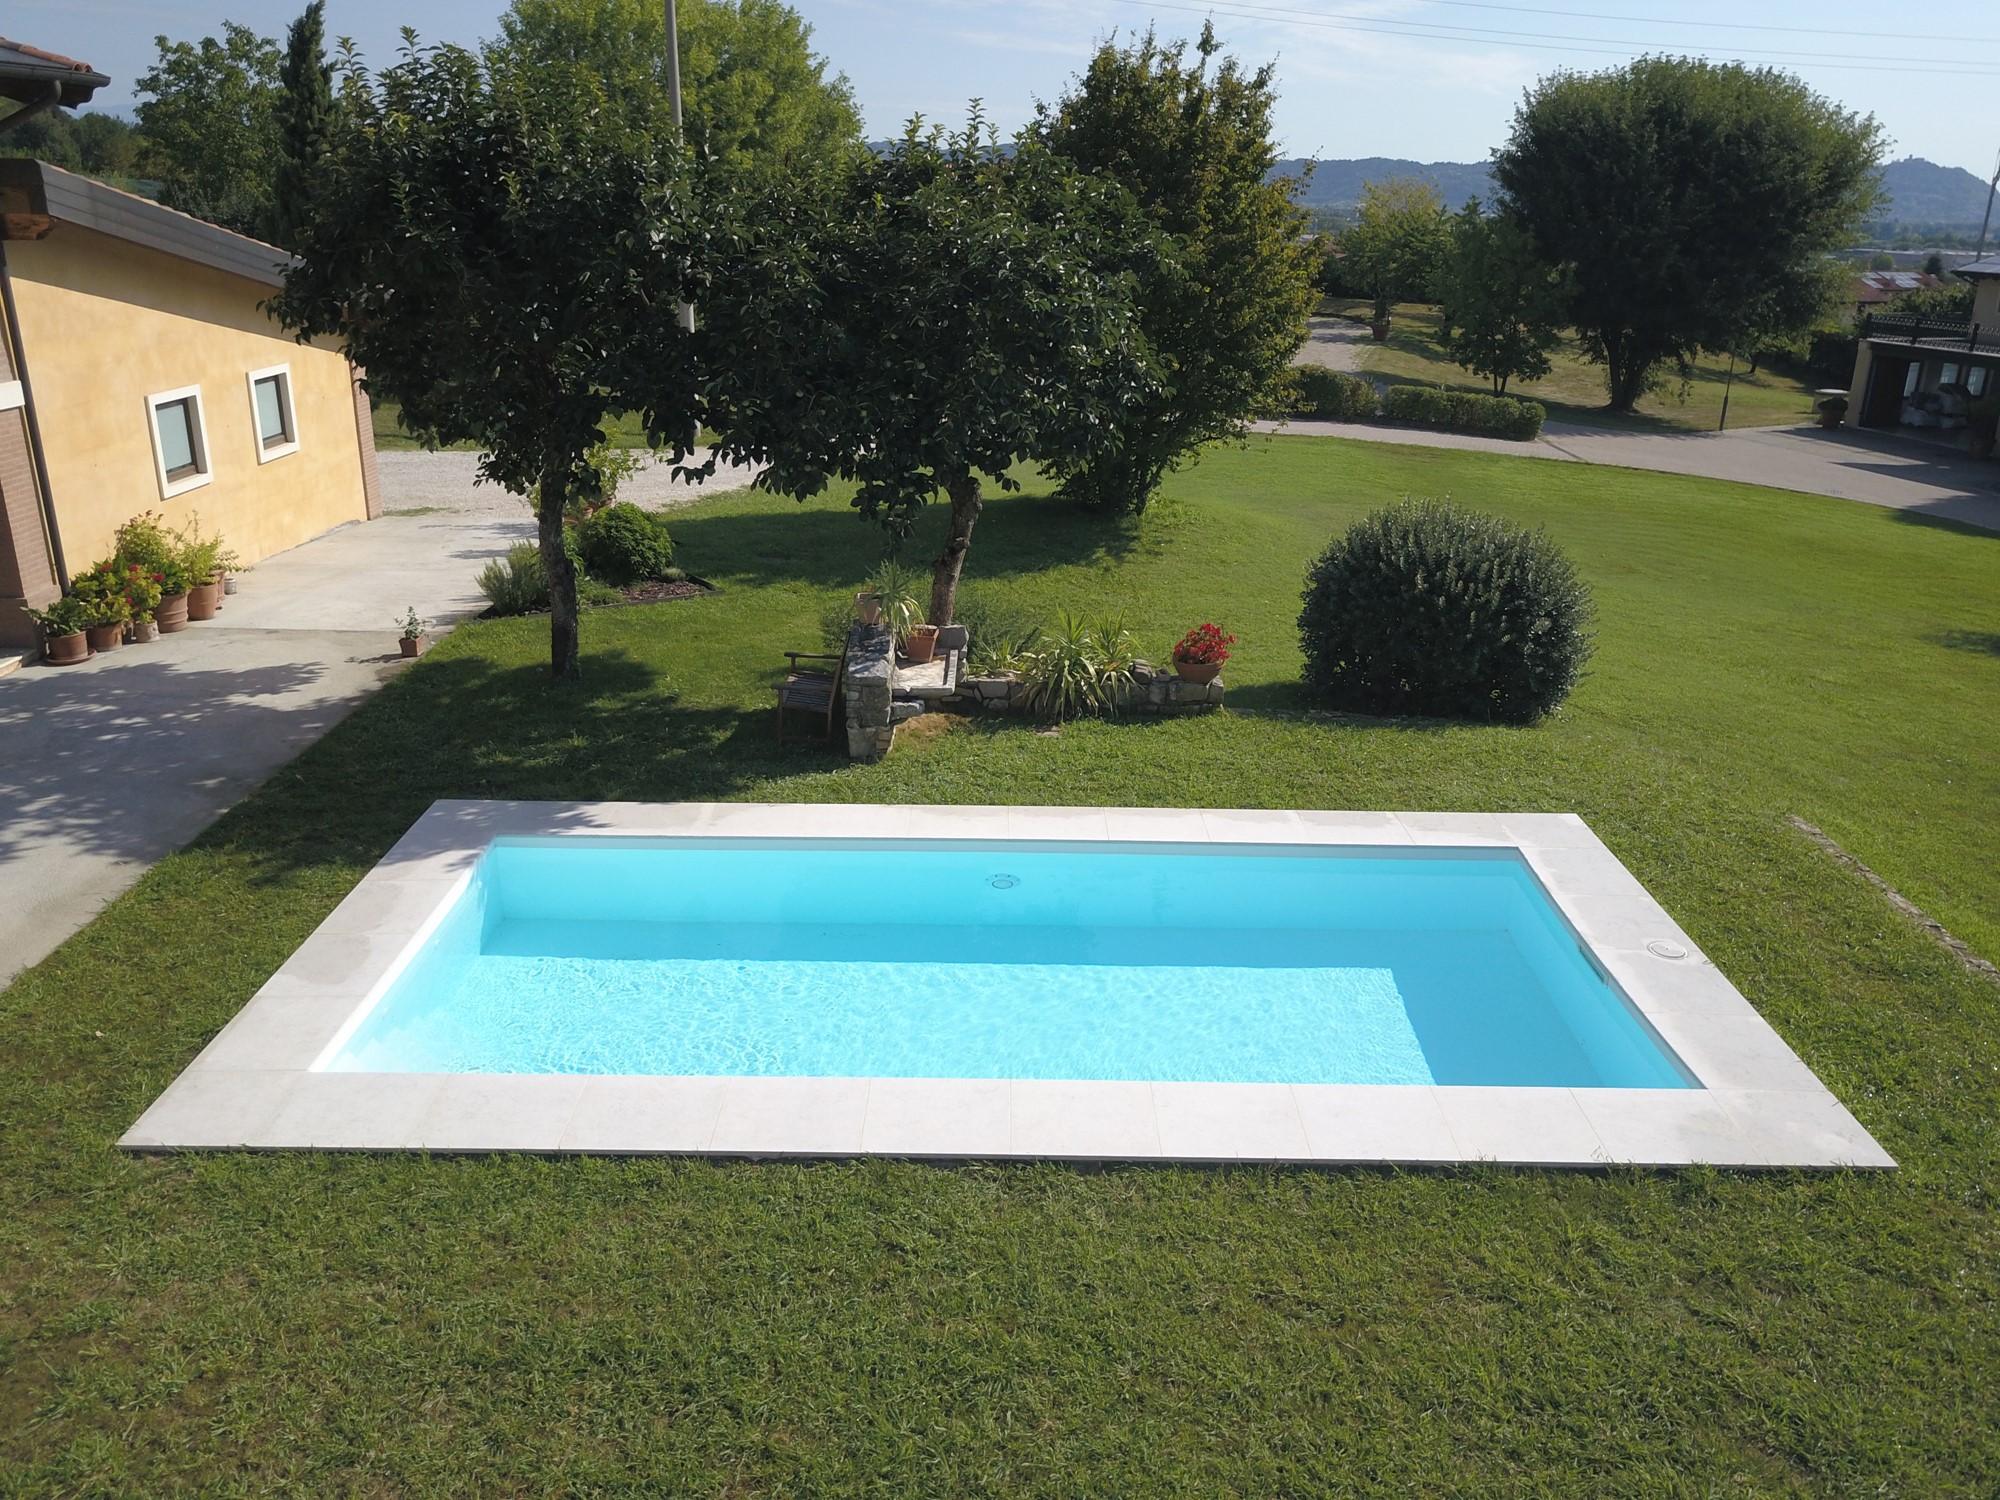 Prima e dopo 37 immagini con e senza piscina for Piscine per giardino